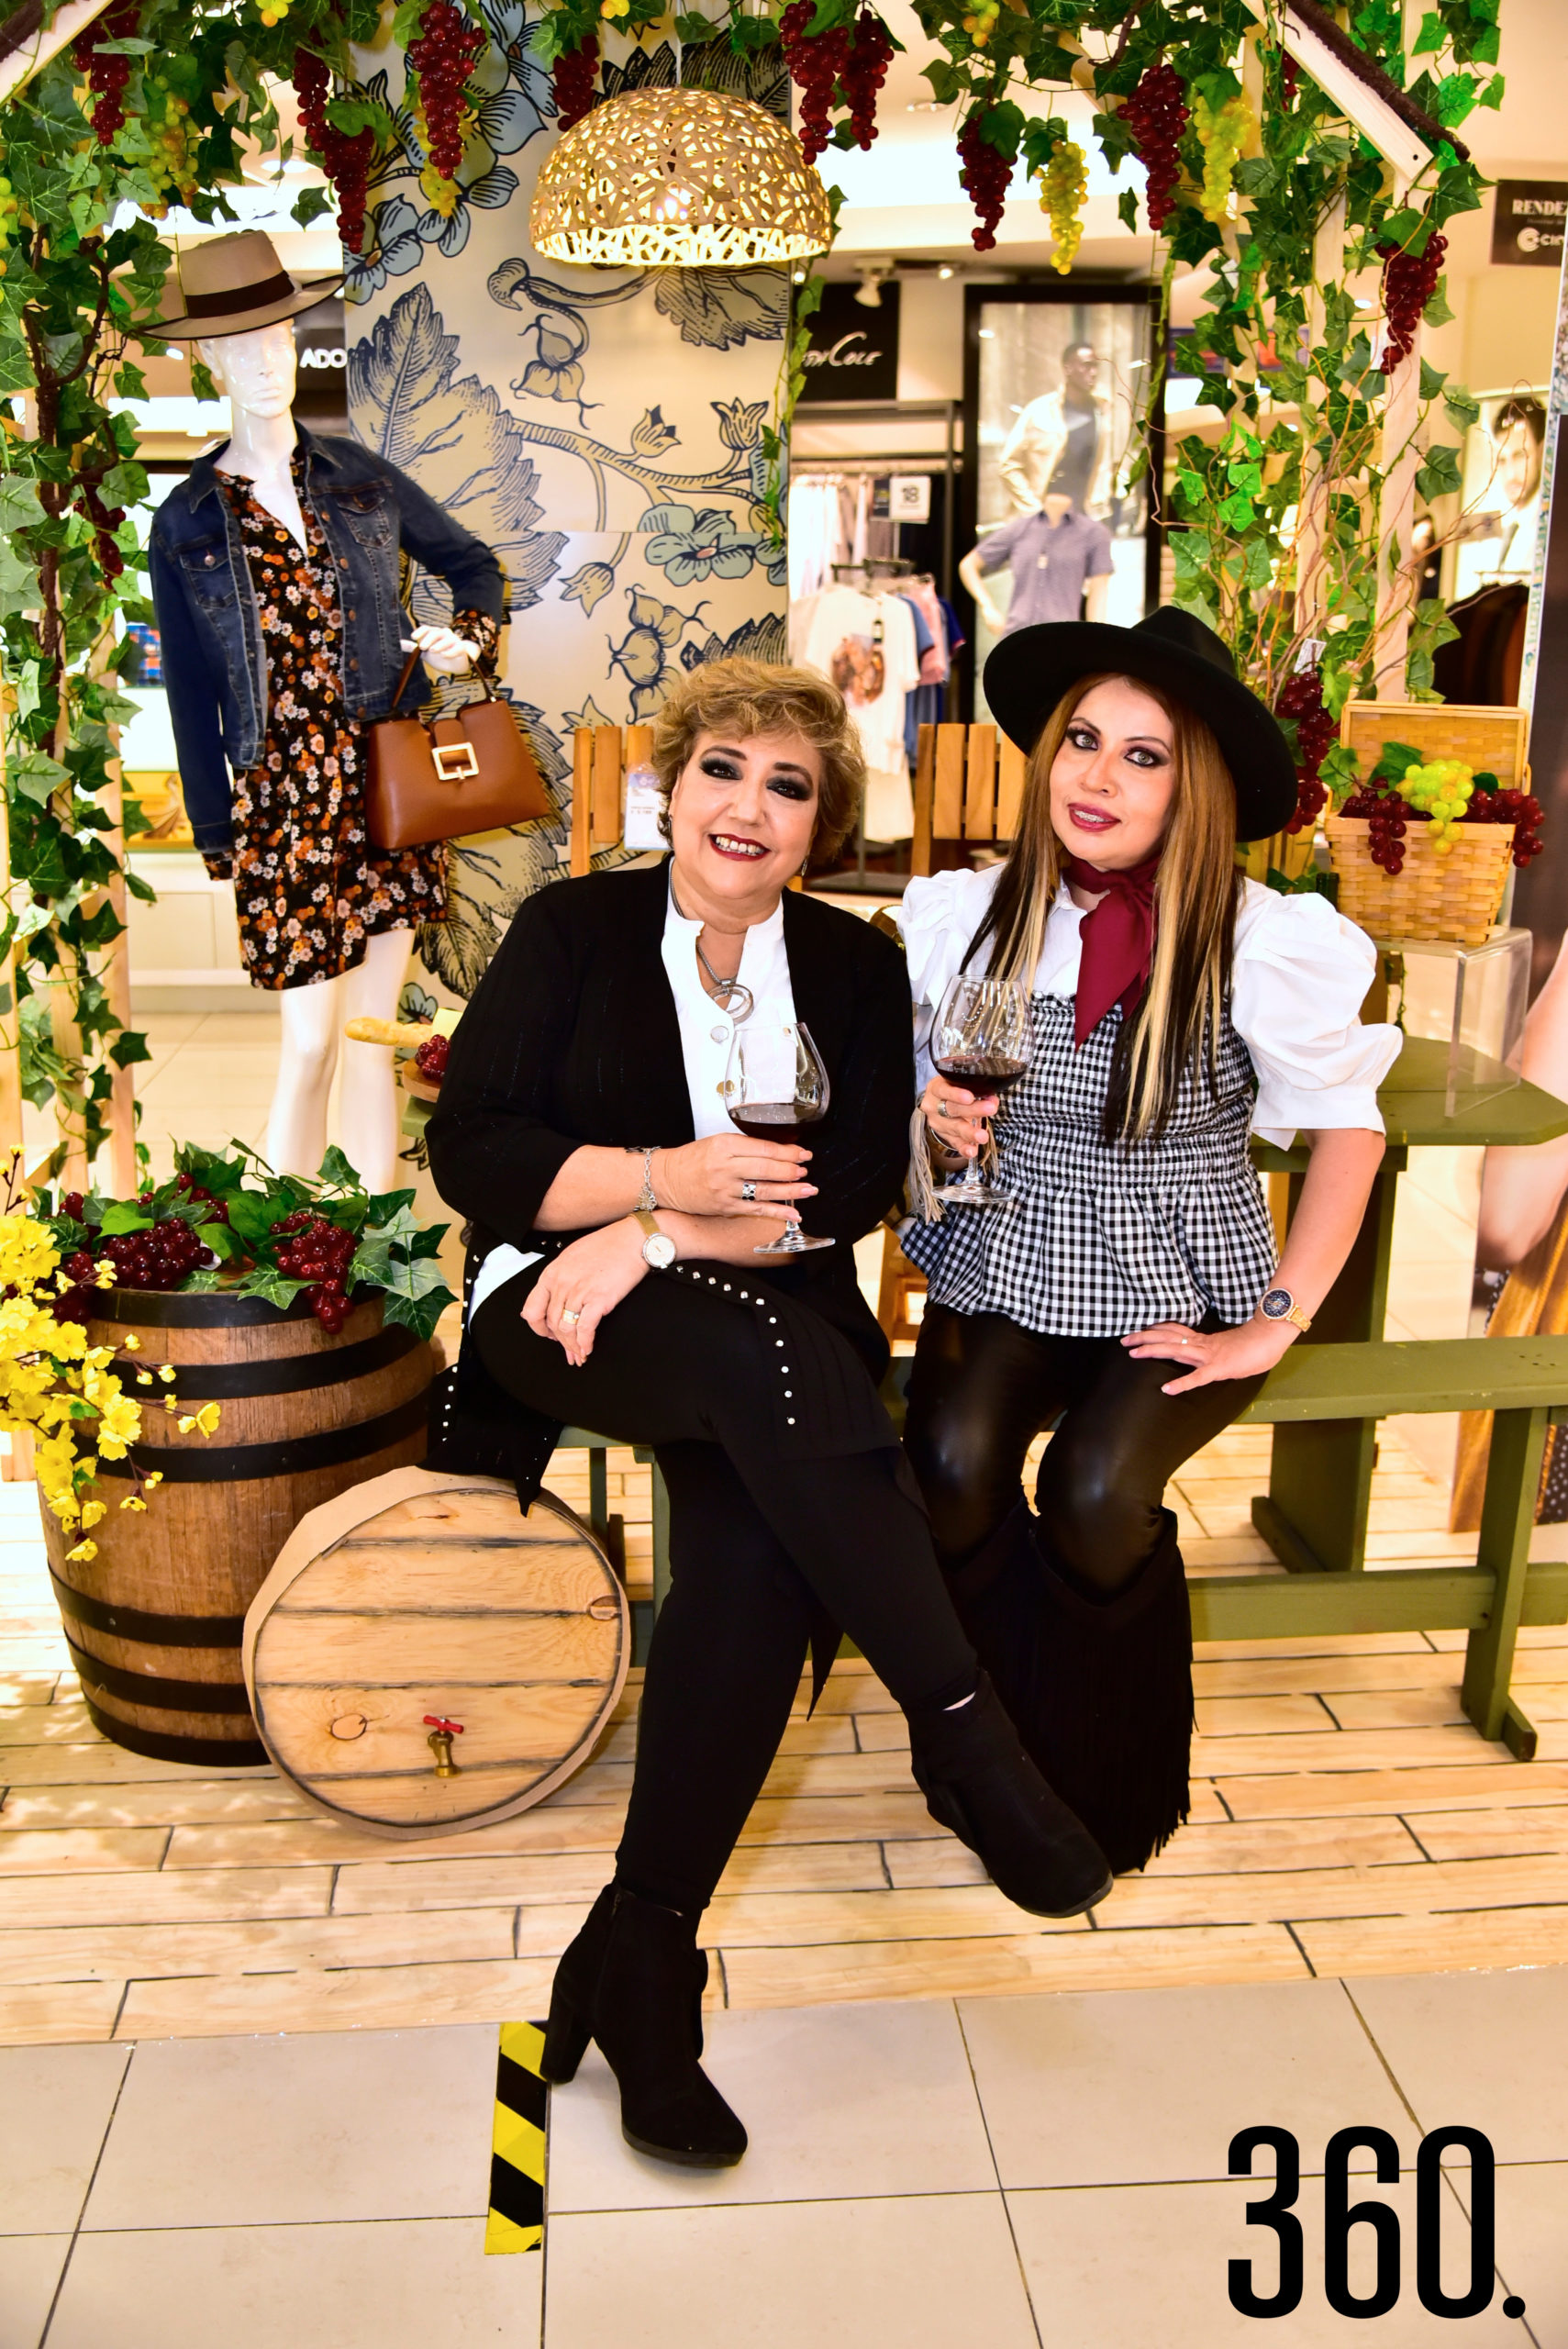 Cuquis Ballesteros coordinadora de Relaciones Publicas de Cimaco e Hilda Rodríguez coordinadora del departamento de Perfumería.